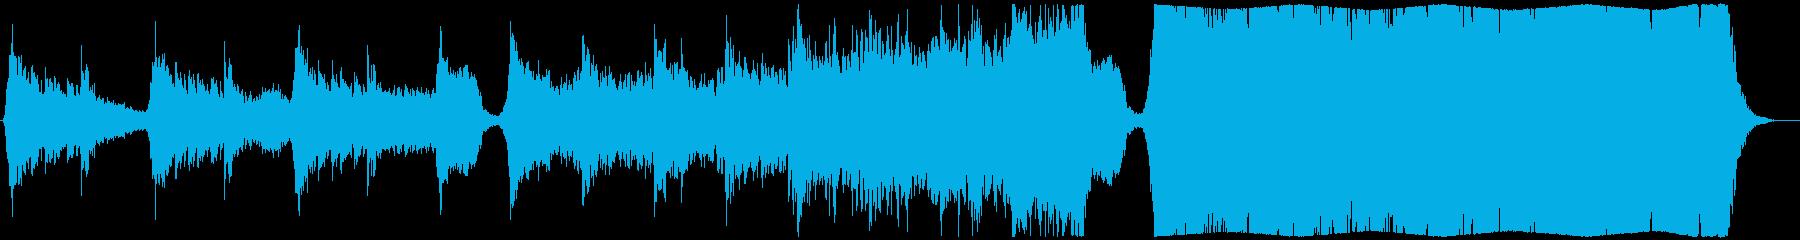 現代の交響曲 劇的な 神経質 厳S...の再生済みの波形